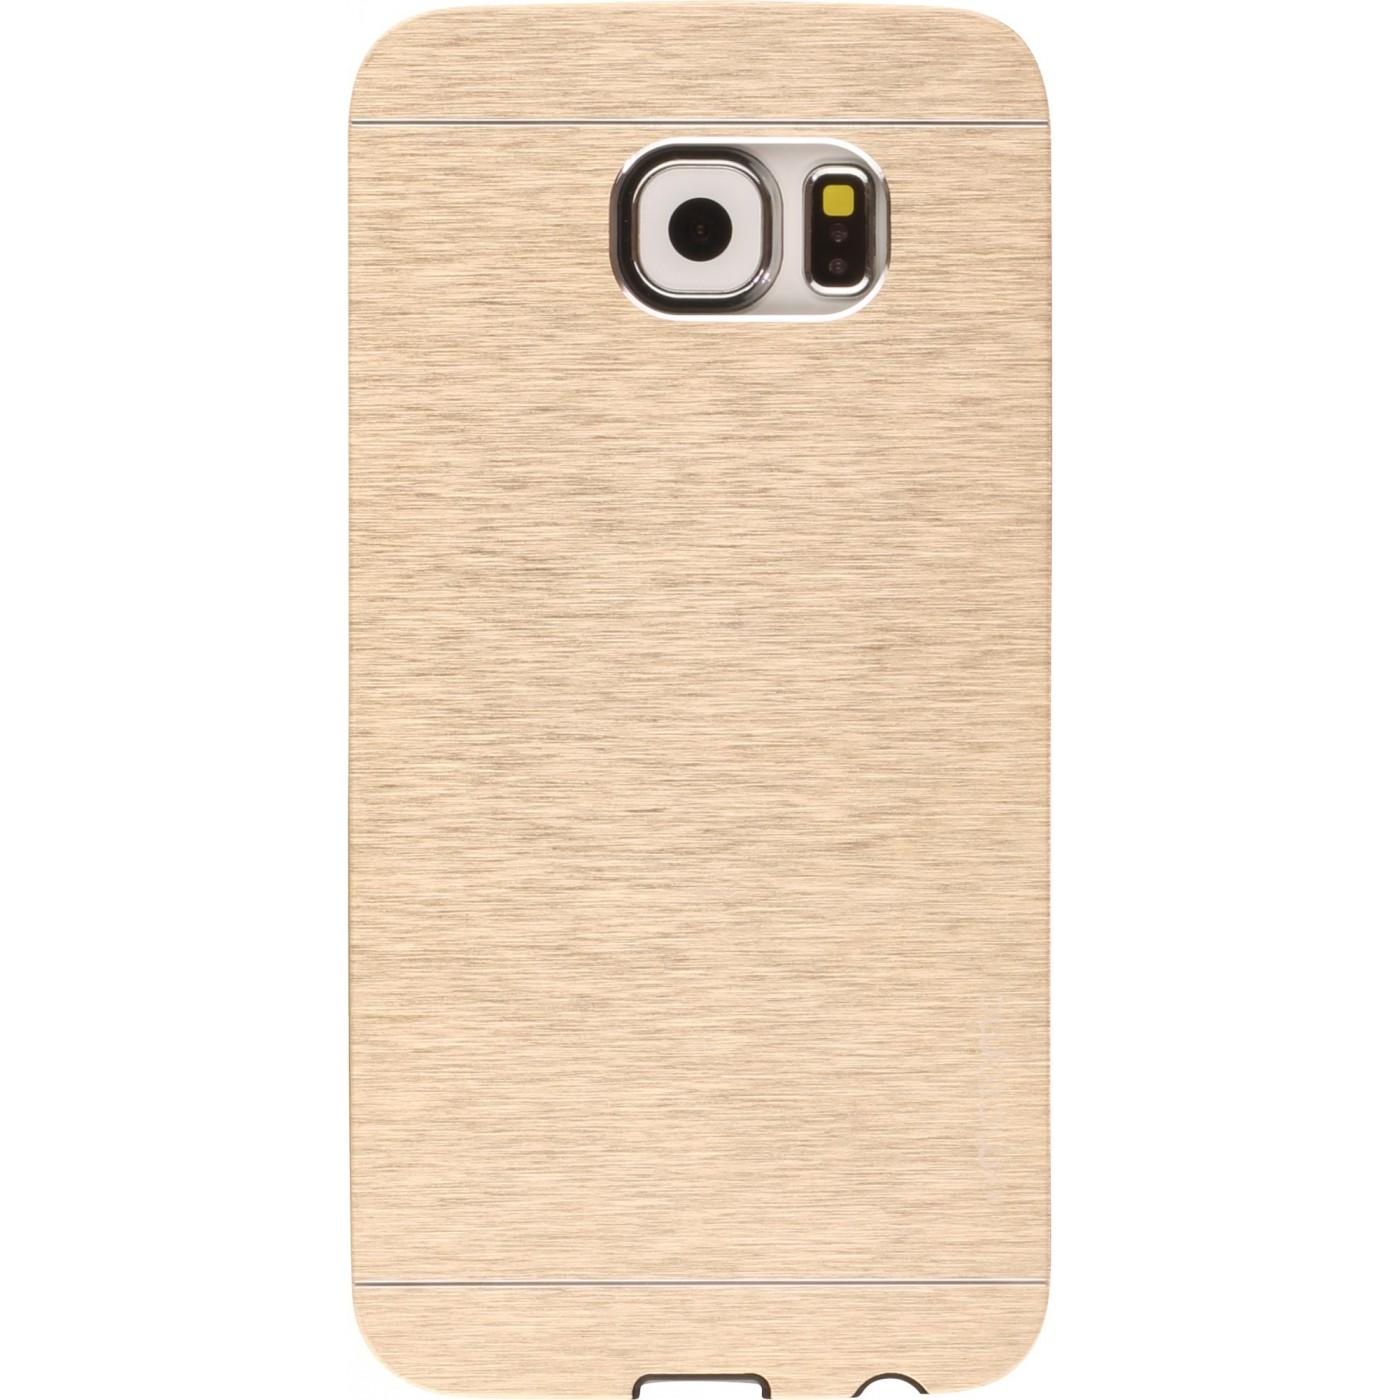 Coque Samsung Galaxy S6 Motomo aluminium or Hulle Samsung Galaxy S6 Motomo Aluminium gold